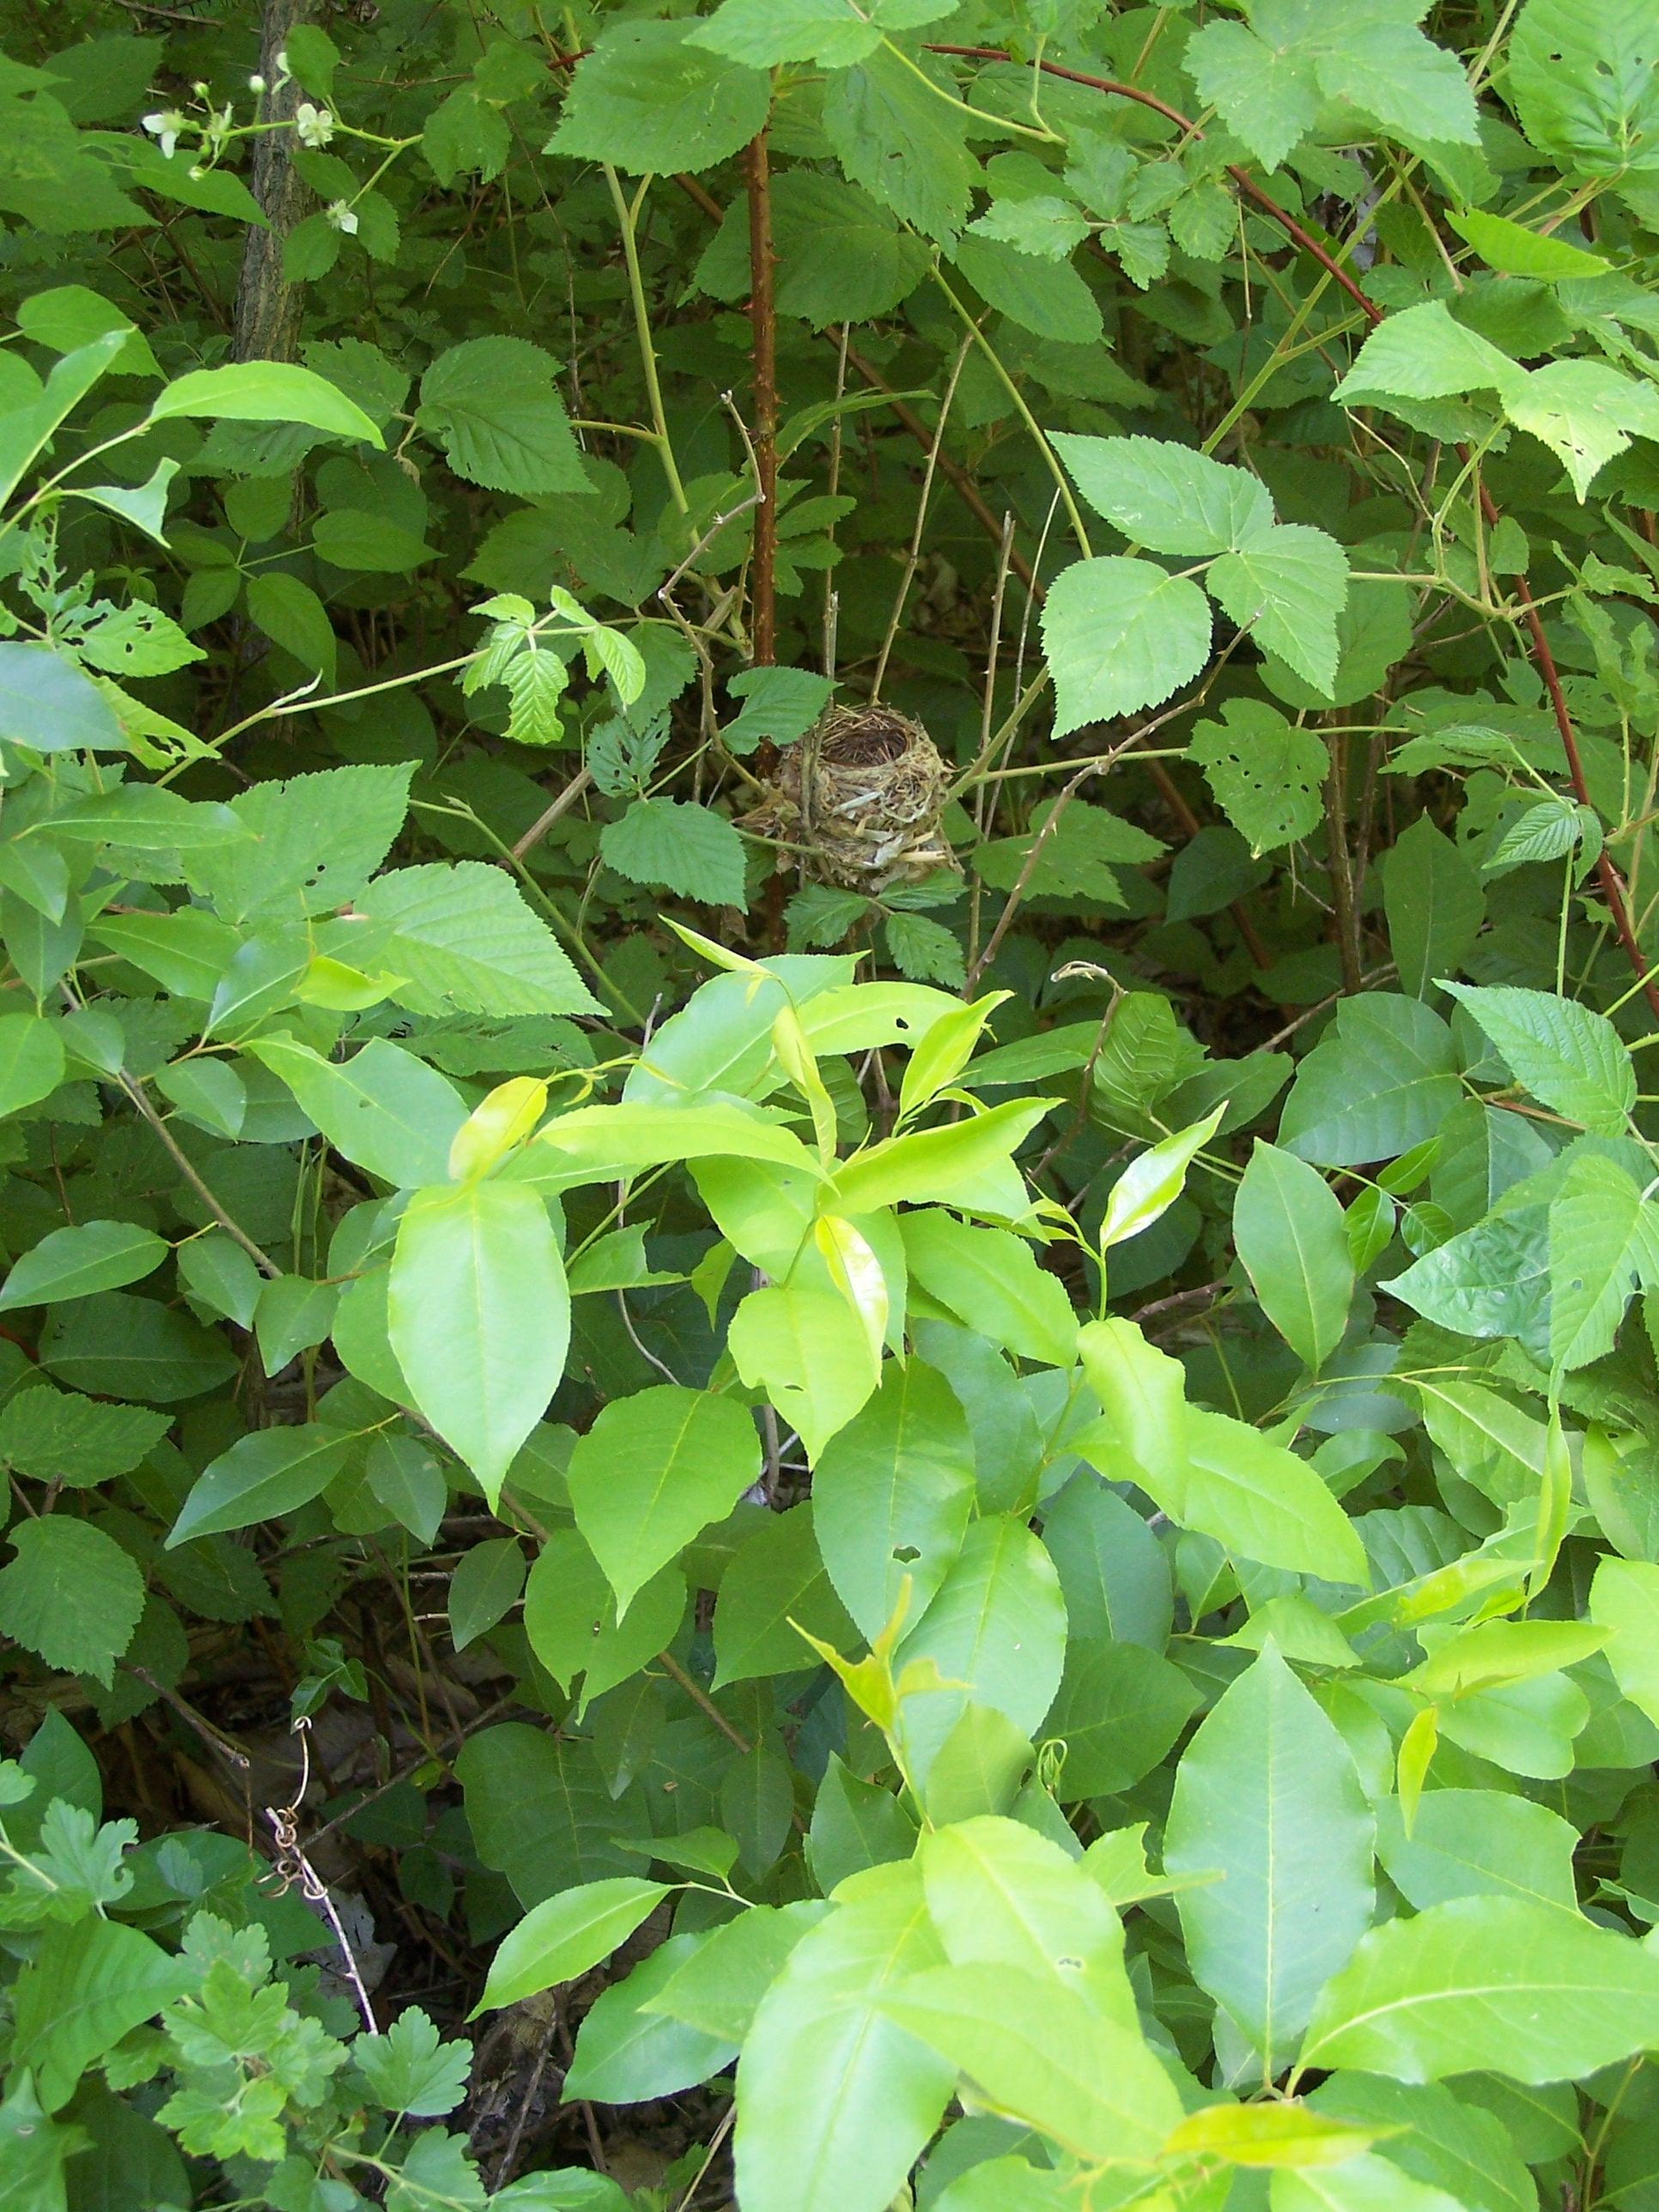 Hooded warbler nest, photo by Richard Bonnett